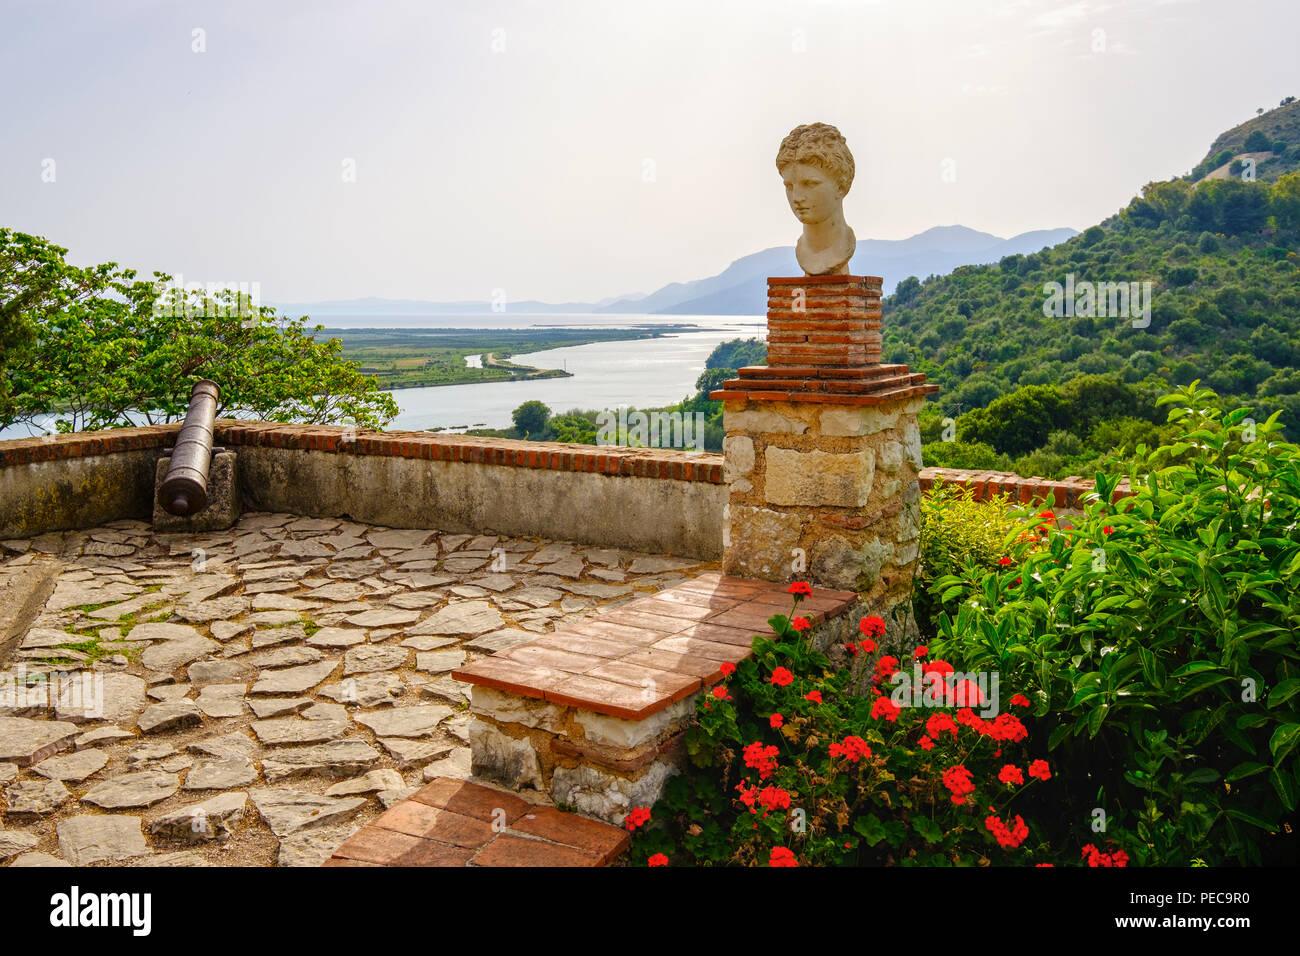 Apollo bust, Venetian castle, ancient city Butrint, Vivar Canal, Butrint National Park, near Saranda, Qarc Vlora, Albania - Stock Image